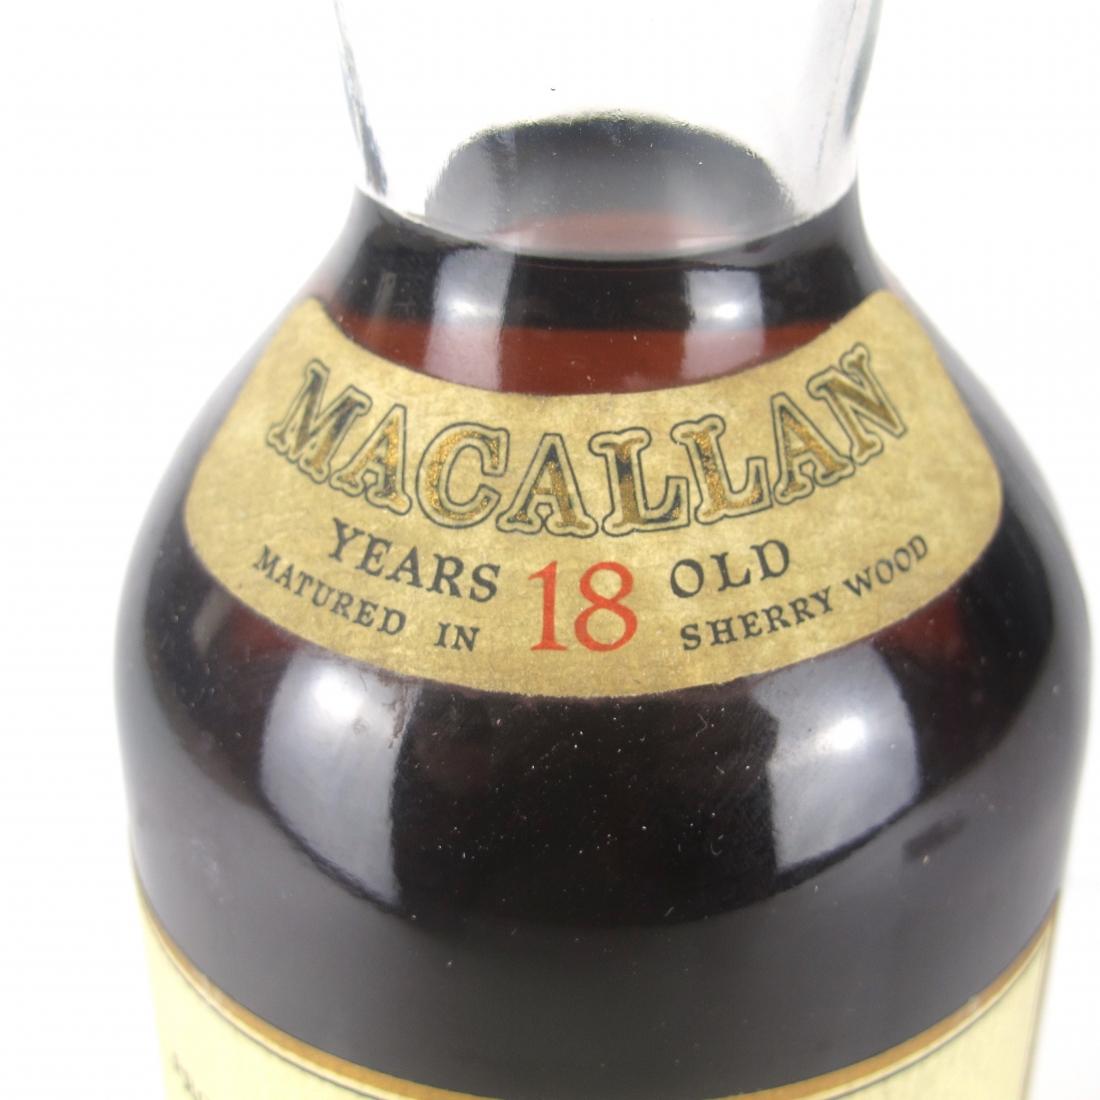 Macallan 18 Year Old 1974 / Giovinetti & Figli Import